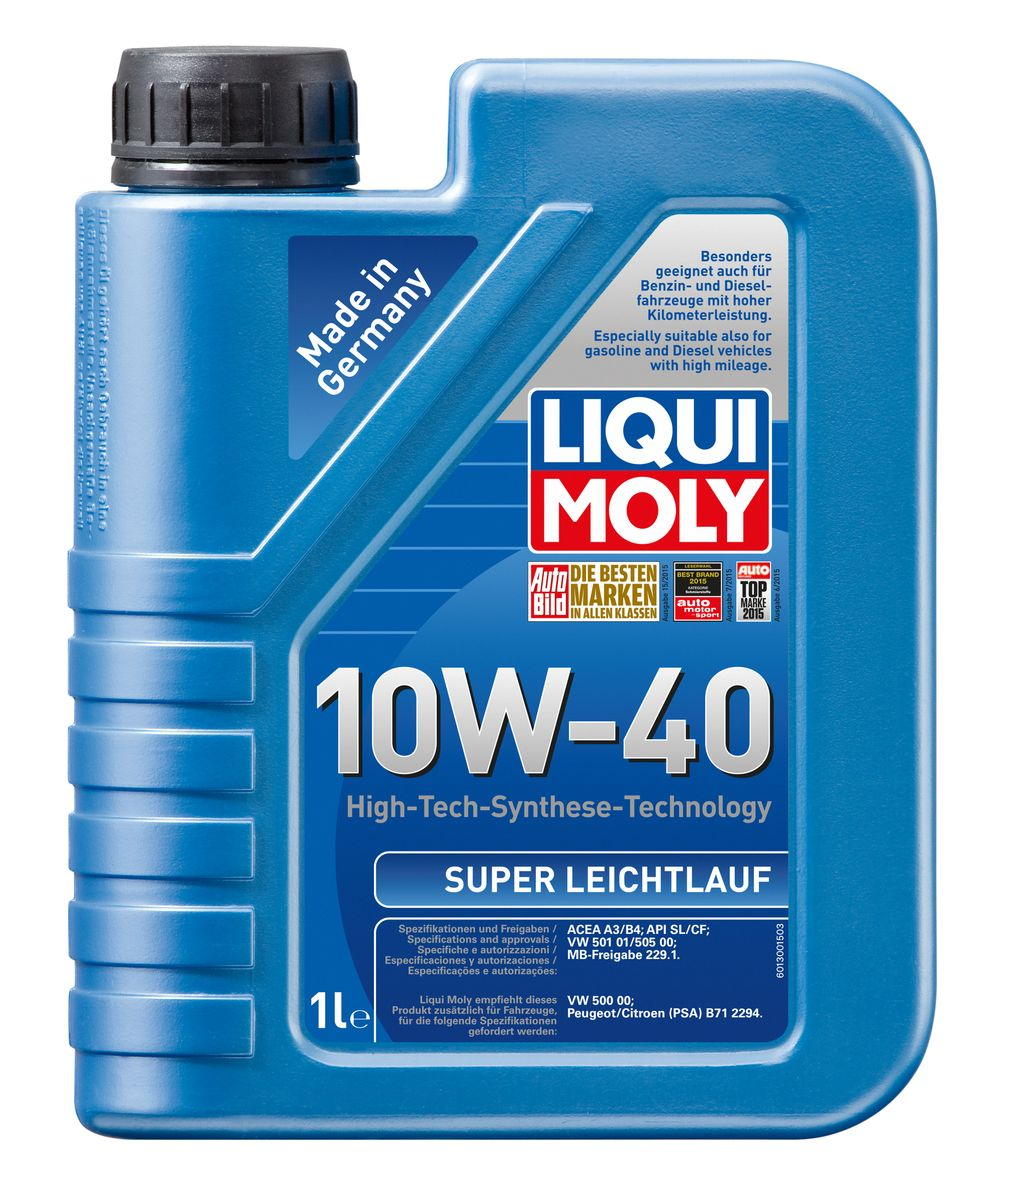 Масло моторное Liqui Moly Super Leichtlauf, НС-синтетическое, 10W-40, 1 лS03301004Масло моторное Liqui Moly Super Leichtlauf - универсальное моторное масло на базе гидрокрекинговой технологии синтеза (HC-синтеза). Удовлетворяет современным требованиям международных стандартов API и ACEA, а также имеет оригинальные допуски таких производителей, как Mercedes-Benz, Volkswagen Group. Масло имеет высокую стабильность к окислению и угару, поэтому может использоваться в нагруженных бензиновых и дизельных двигателях с турбонаддувом и интеркулером. В моторном масле Leichtlauf Super 10W-40 используются базовые компоненты, произведенные по новейшим технологиям синтеза и отличающиеся высочайшими защитными свойствами. Масло содержит современный пакет присадок, который обеспечивает высокий уровень защиты от износа и гарантирует стабильное поступление масла ко всем деталям двигателя. Особенности: - Высокая стабильность масляной пленки при высоких и низких температурах- Высокие противоизносные свойства- Обеспечивает оптимальную чистоту двигателя- Протестировано на совместимость с турбированными двигателями и катализаторомДопуск: -API: SL/CF-ACEA: A3/B4-MB: 229.1-VW: 501 01/505 00